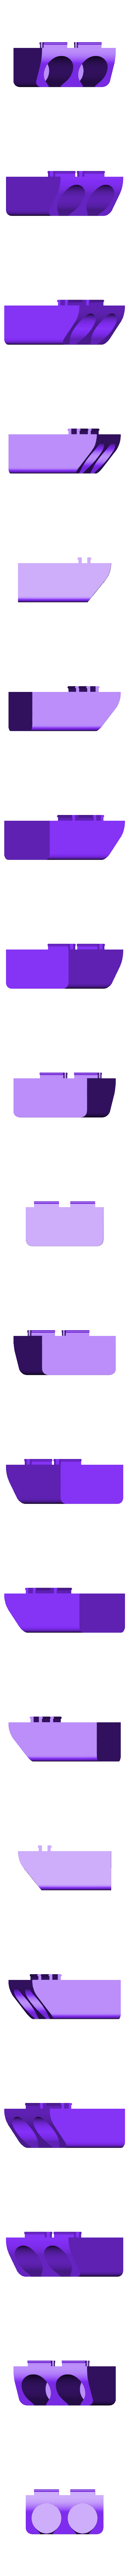 IPAHolder_Double_v1.stl Télécharger fichier STL gratuit IPA/support de flacon pulvérisateur de solvant pour l'extrusion V-Slot 2020 • Design à imprimer en 3D, Daeraxa